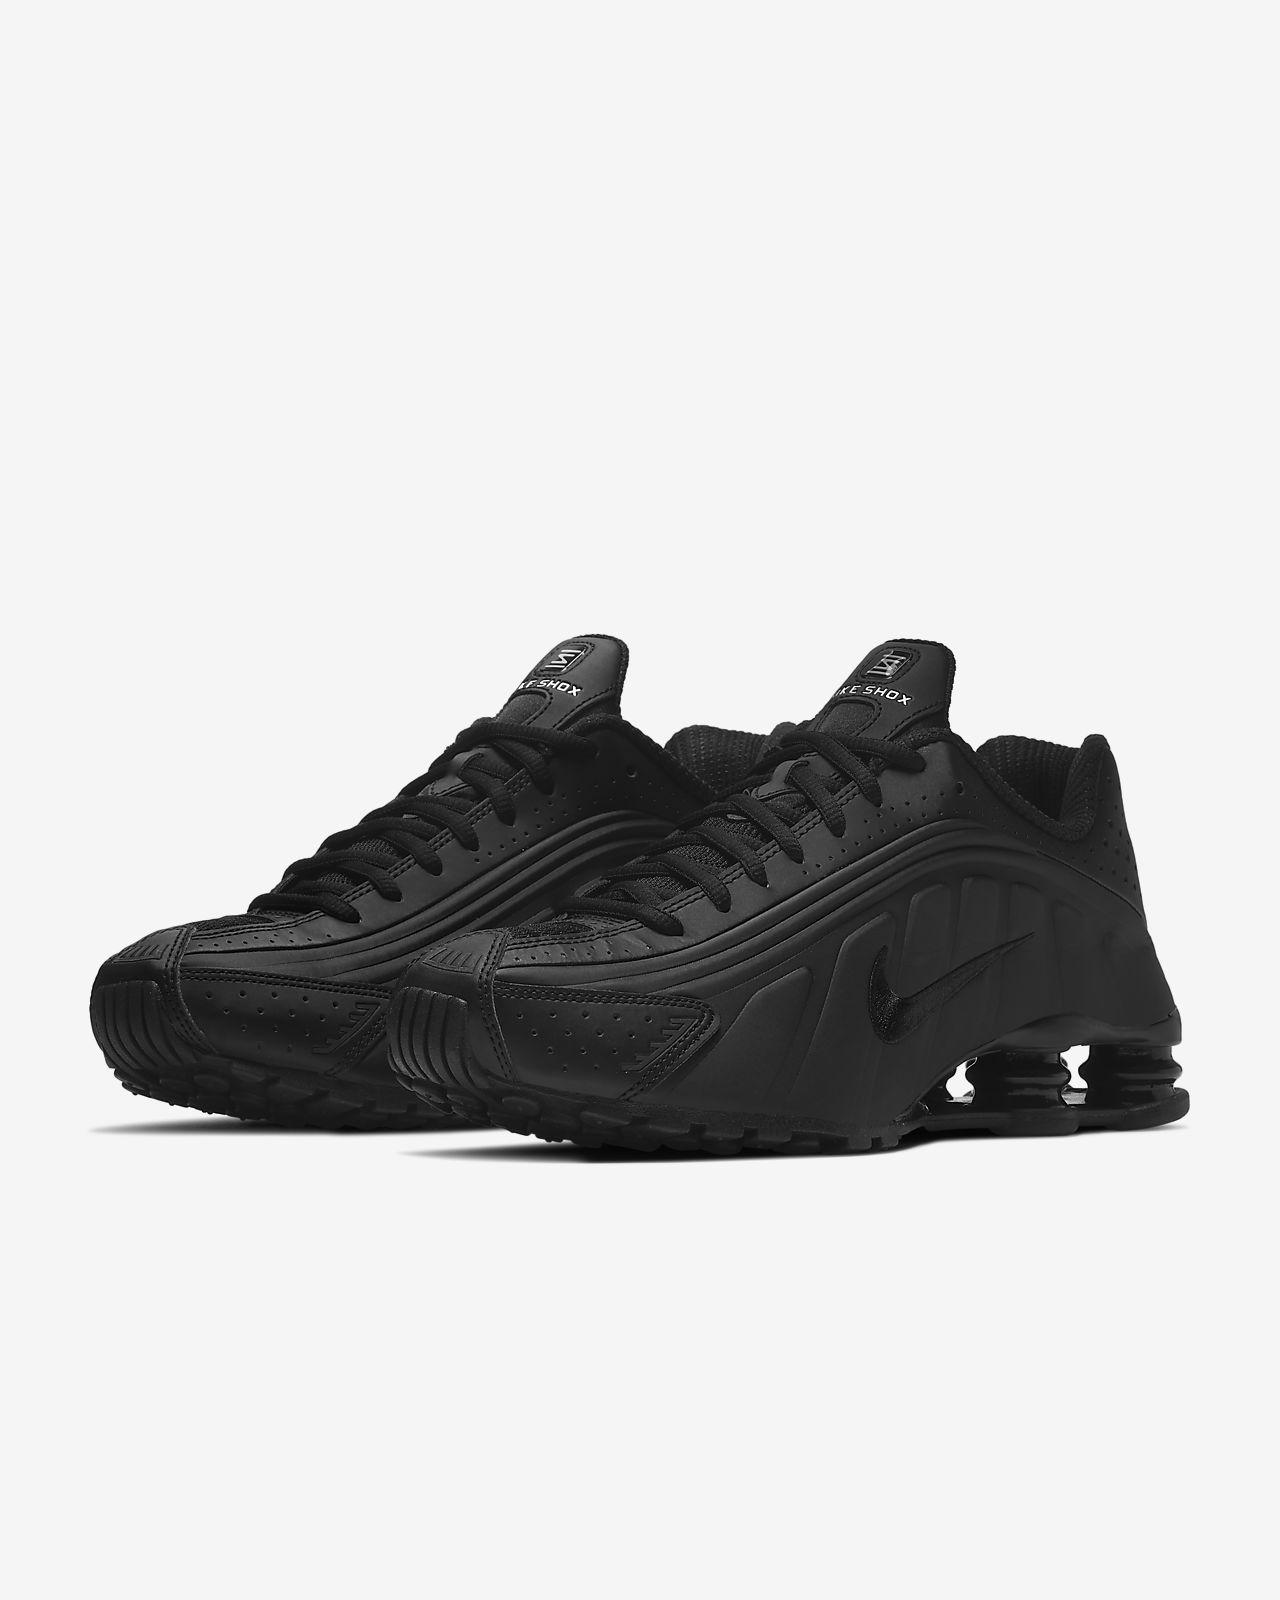 separation shoes 4da7d f8ac2 ... Chaussure Nike Shox R4 pour Homme